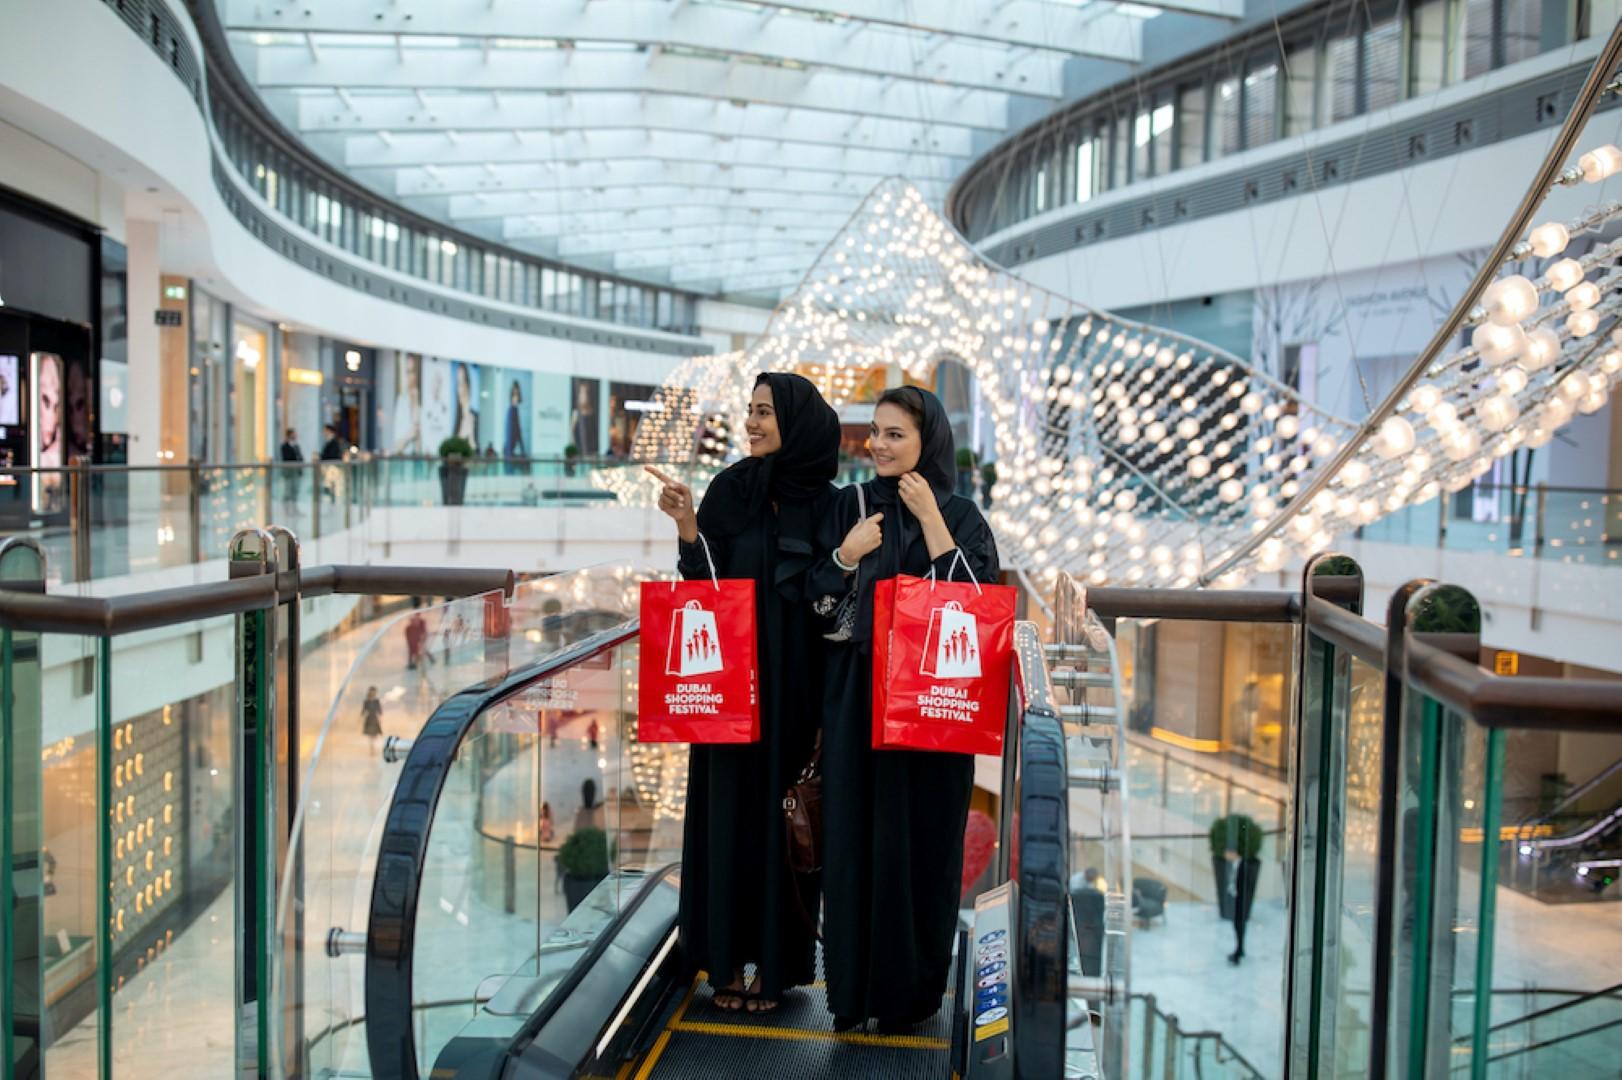 دبي للمهرجانات والتجزئة : 15 مهرجانا وفعالية بتقويم دبي السنوي للتجزئة 2021